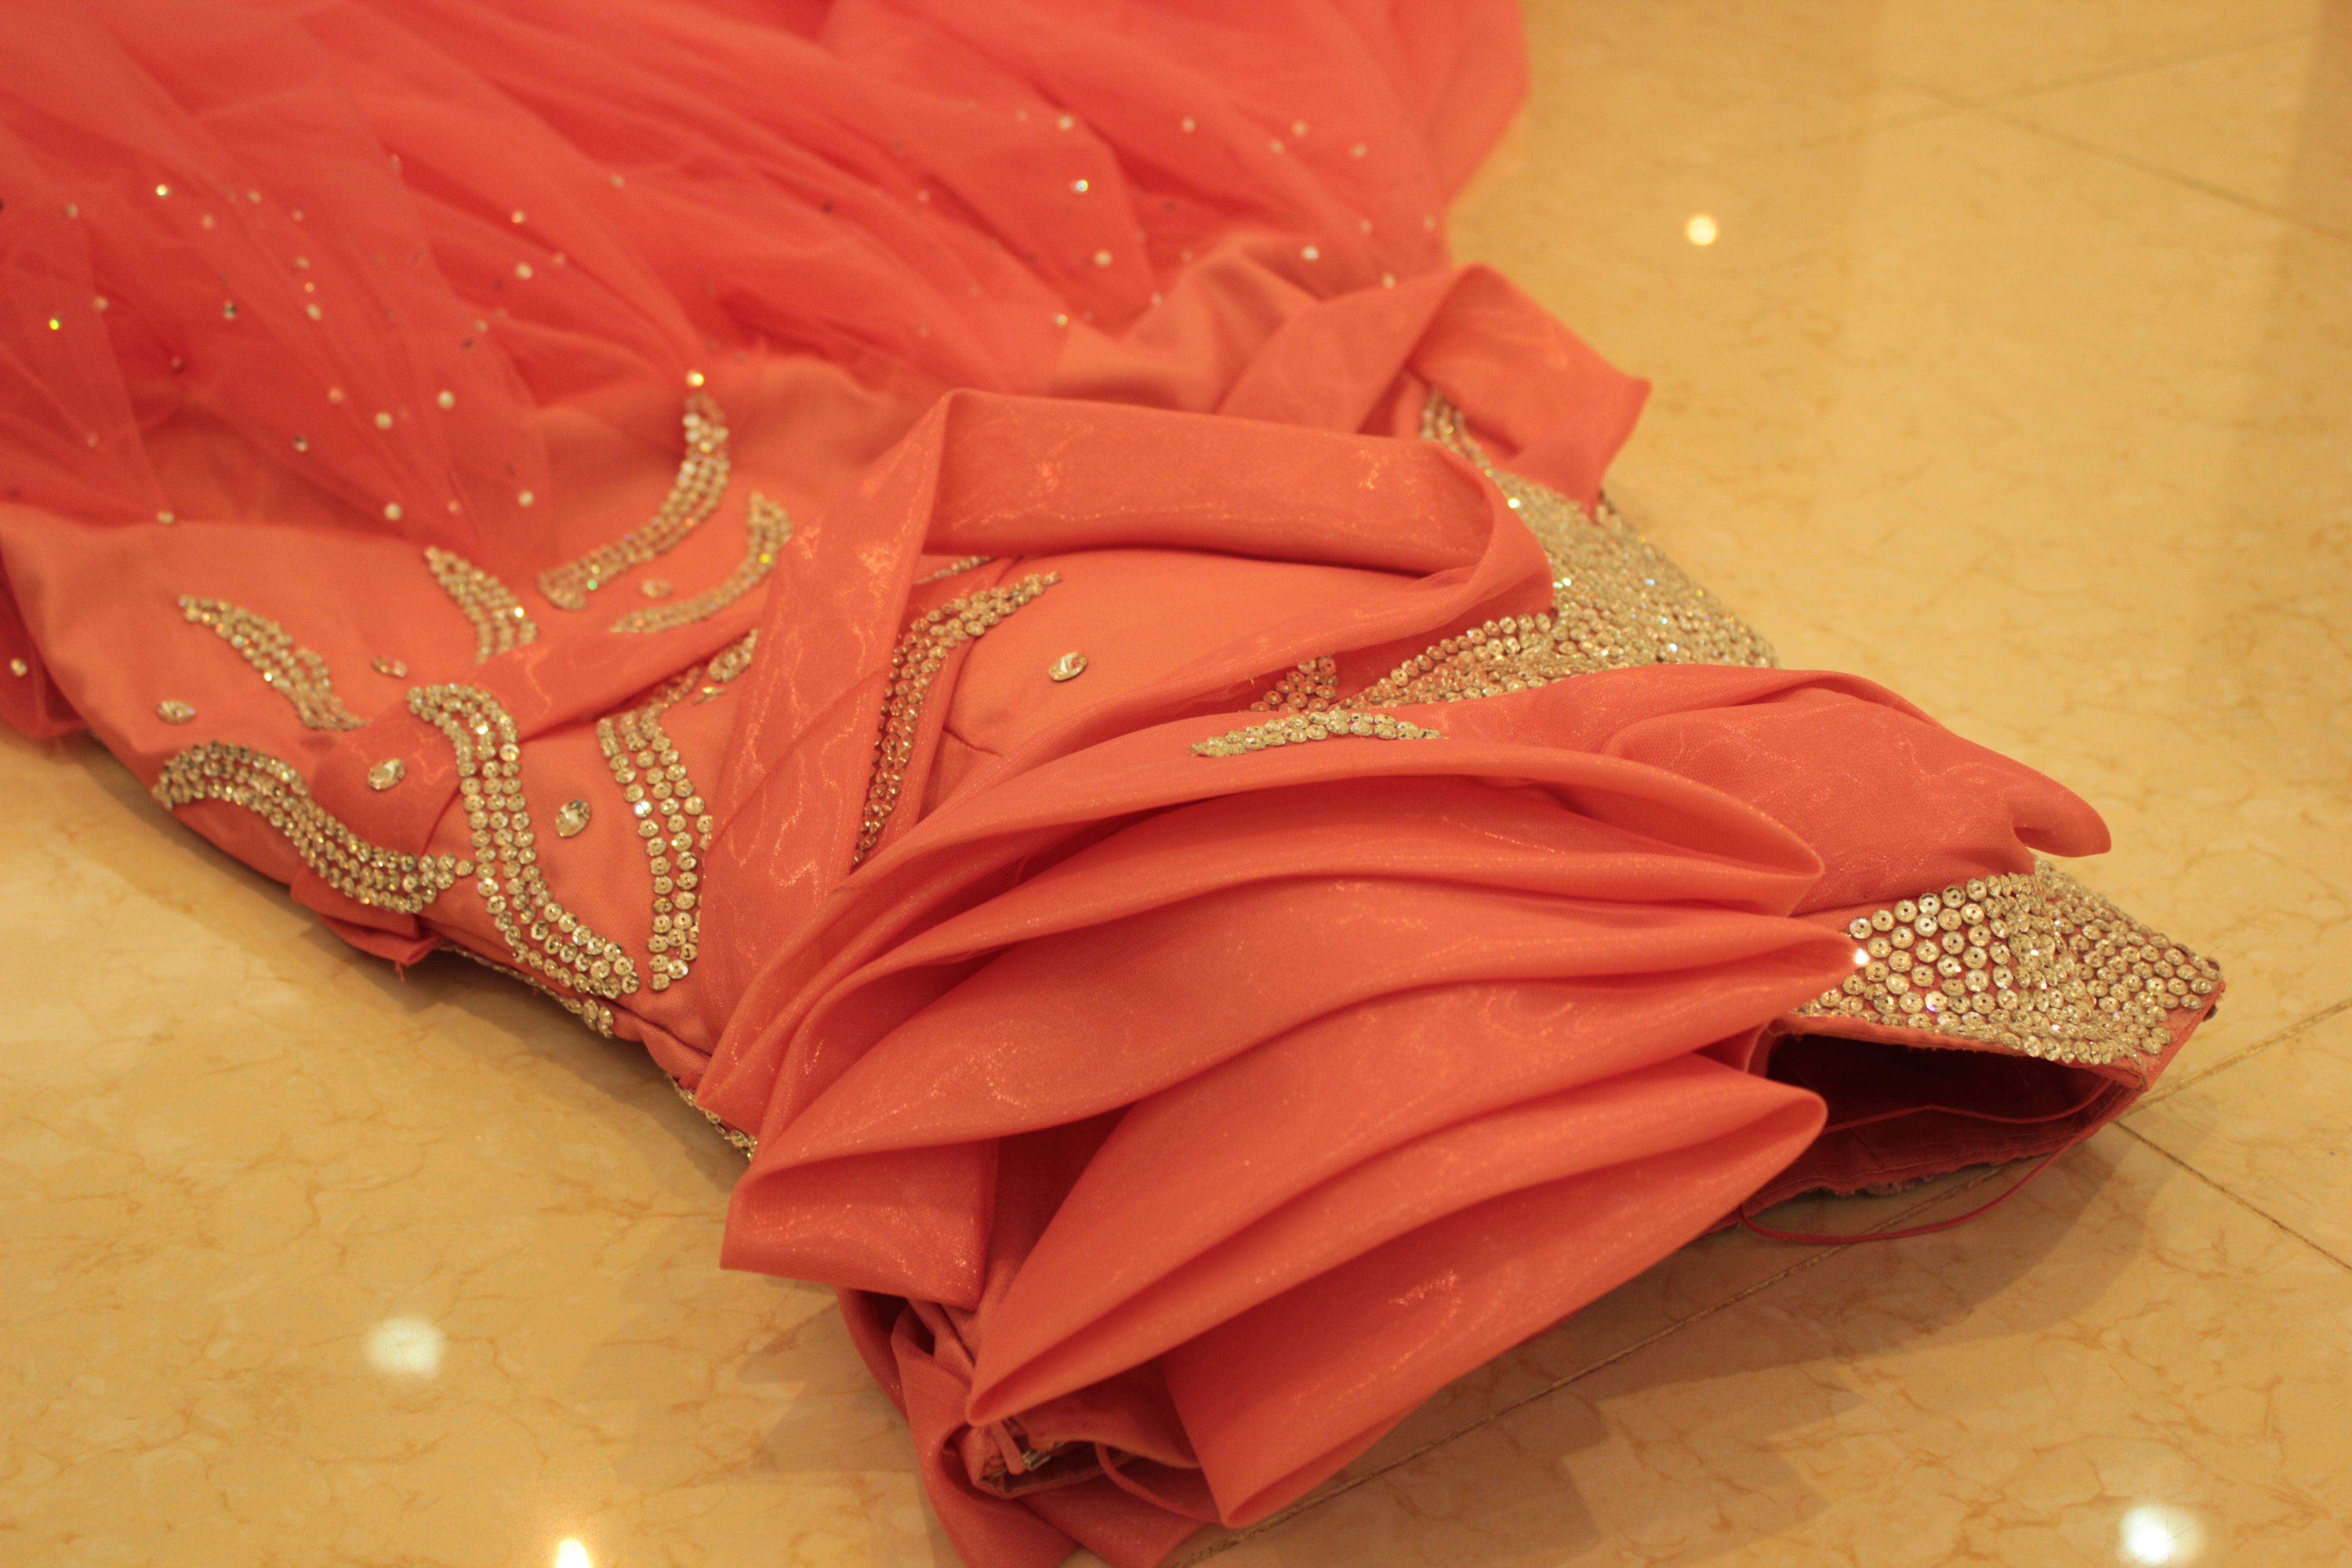 461b0ea741873 فستان زواج + ملكة + غمرة تصميمات عجيبه للبيع..